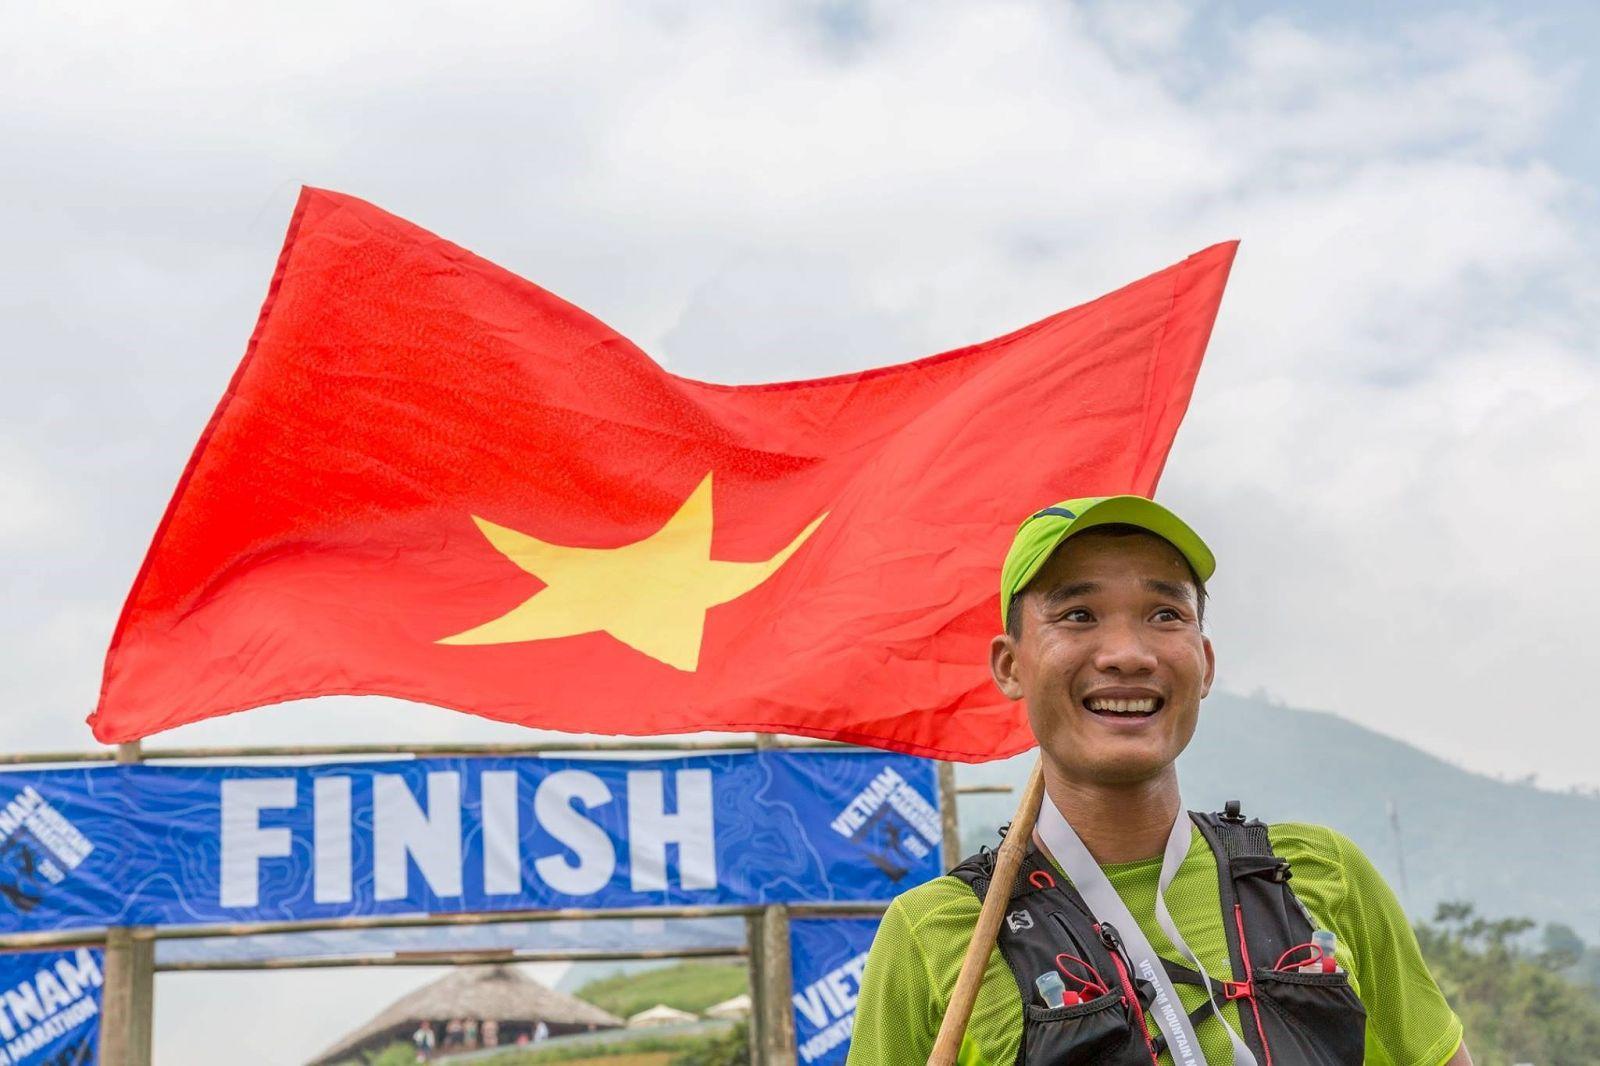 Chàng trai Việt thành công tại đường chạy marathon khắc nghiệt nhất Châu Âu 2018